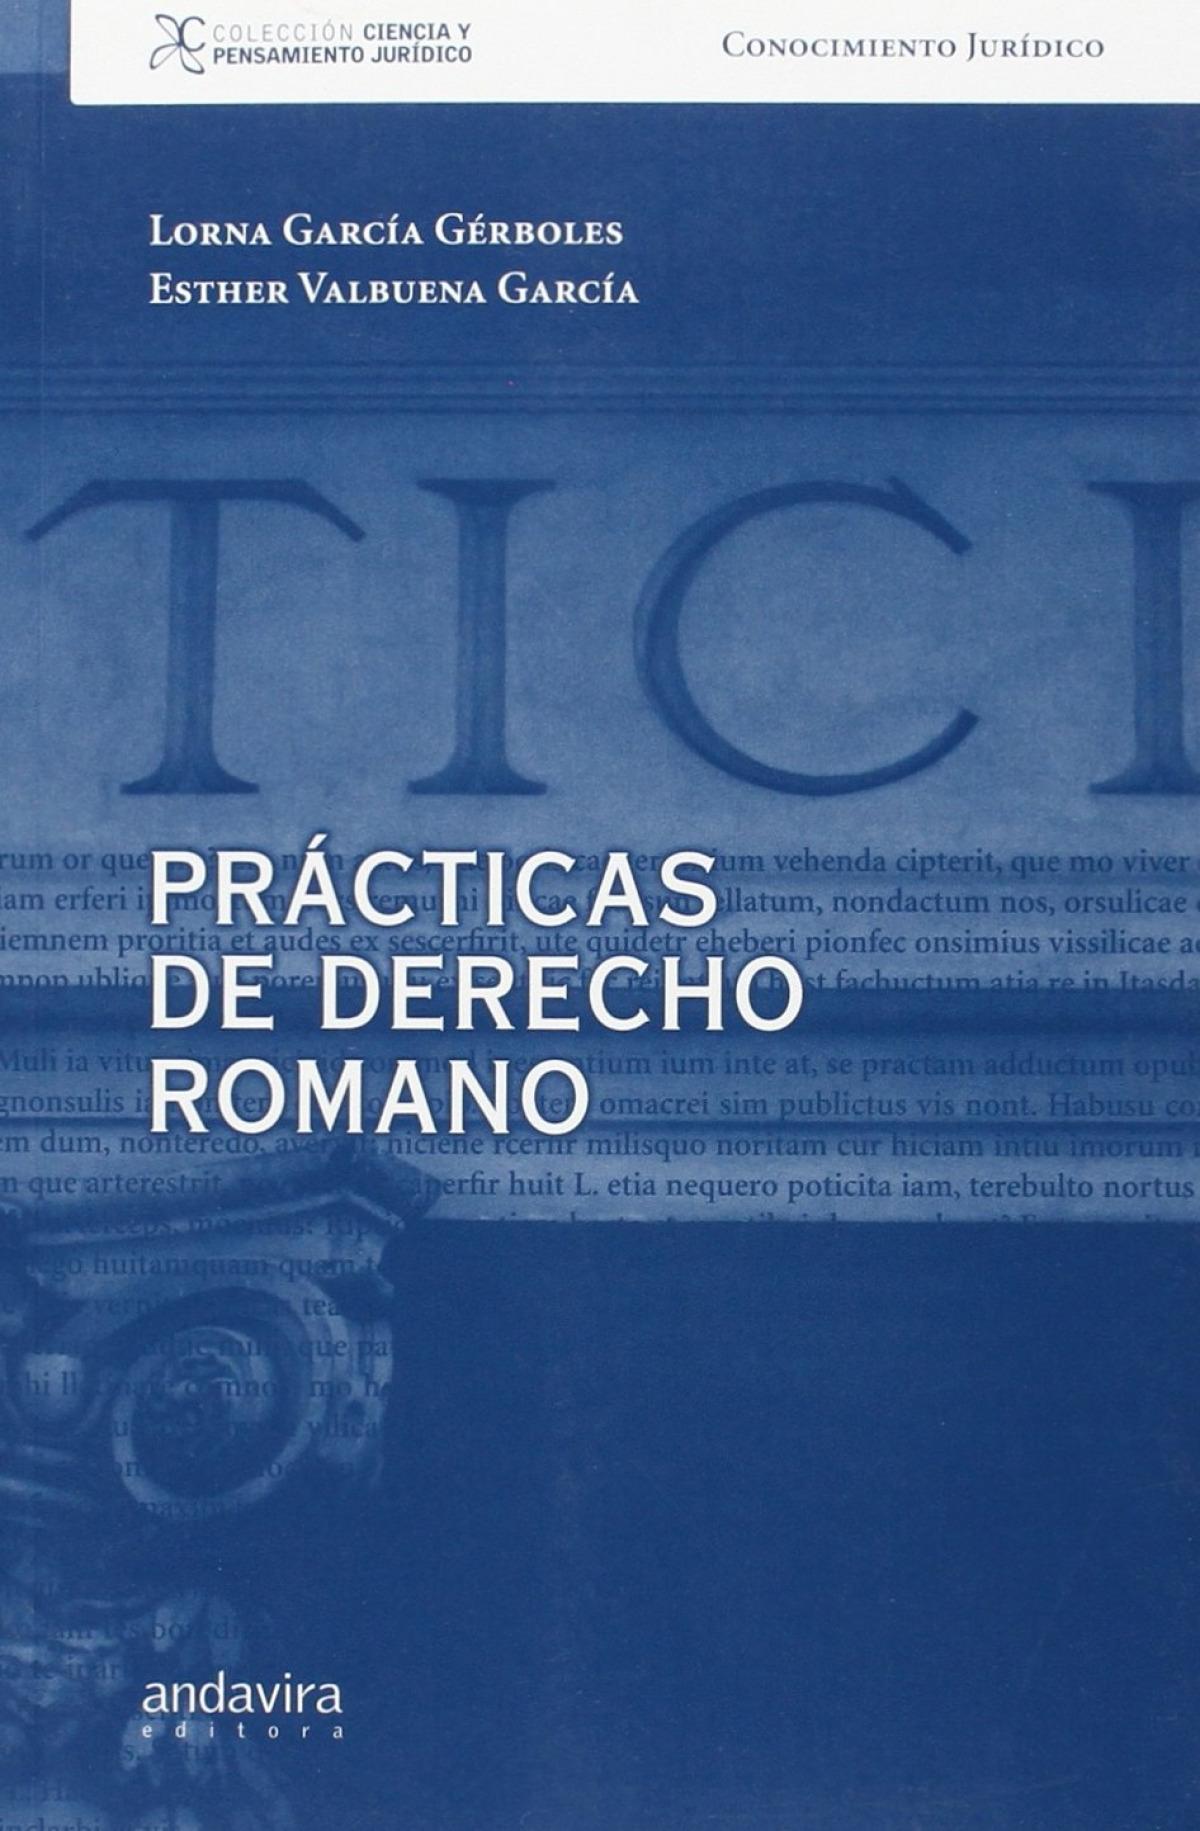 Practicas de derecho romano 9788484087205